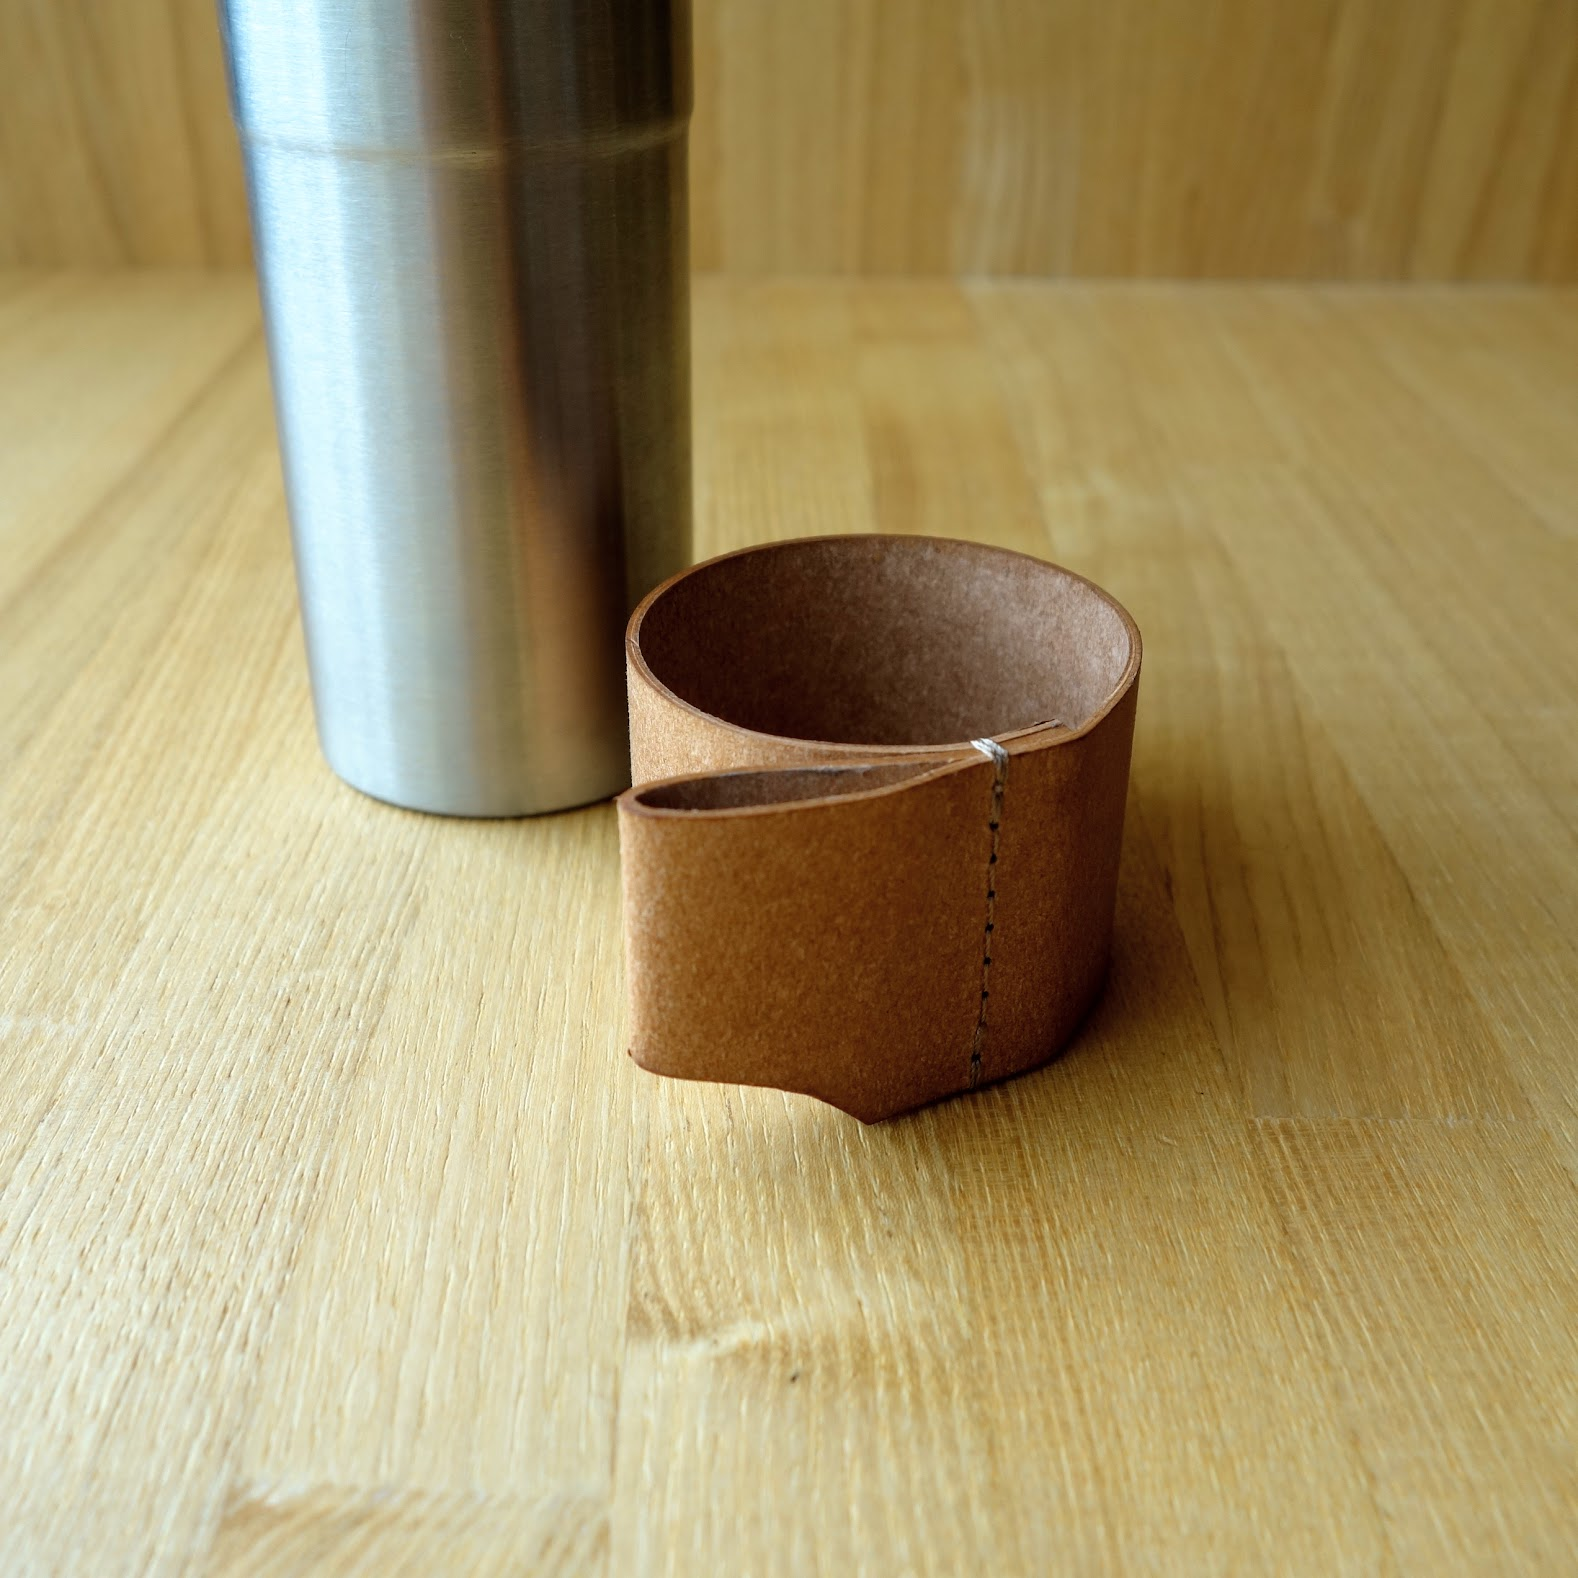 ポーレックス コーヒーミル2 ハンドルホルダー